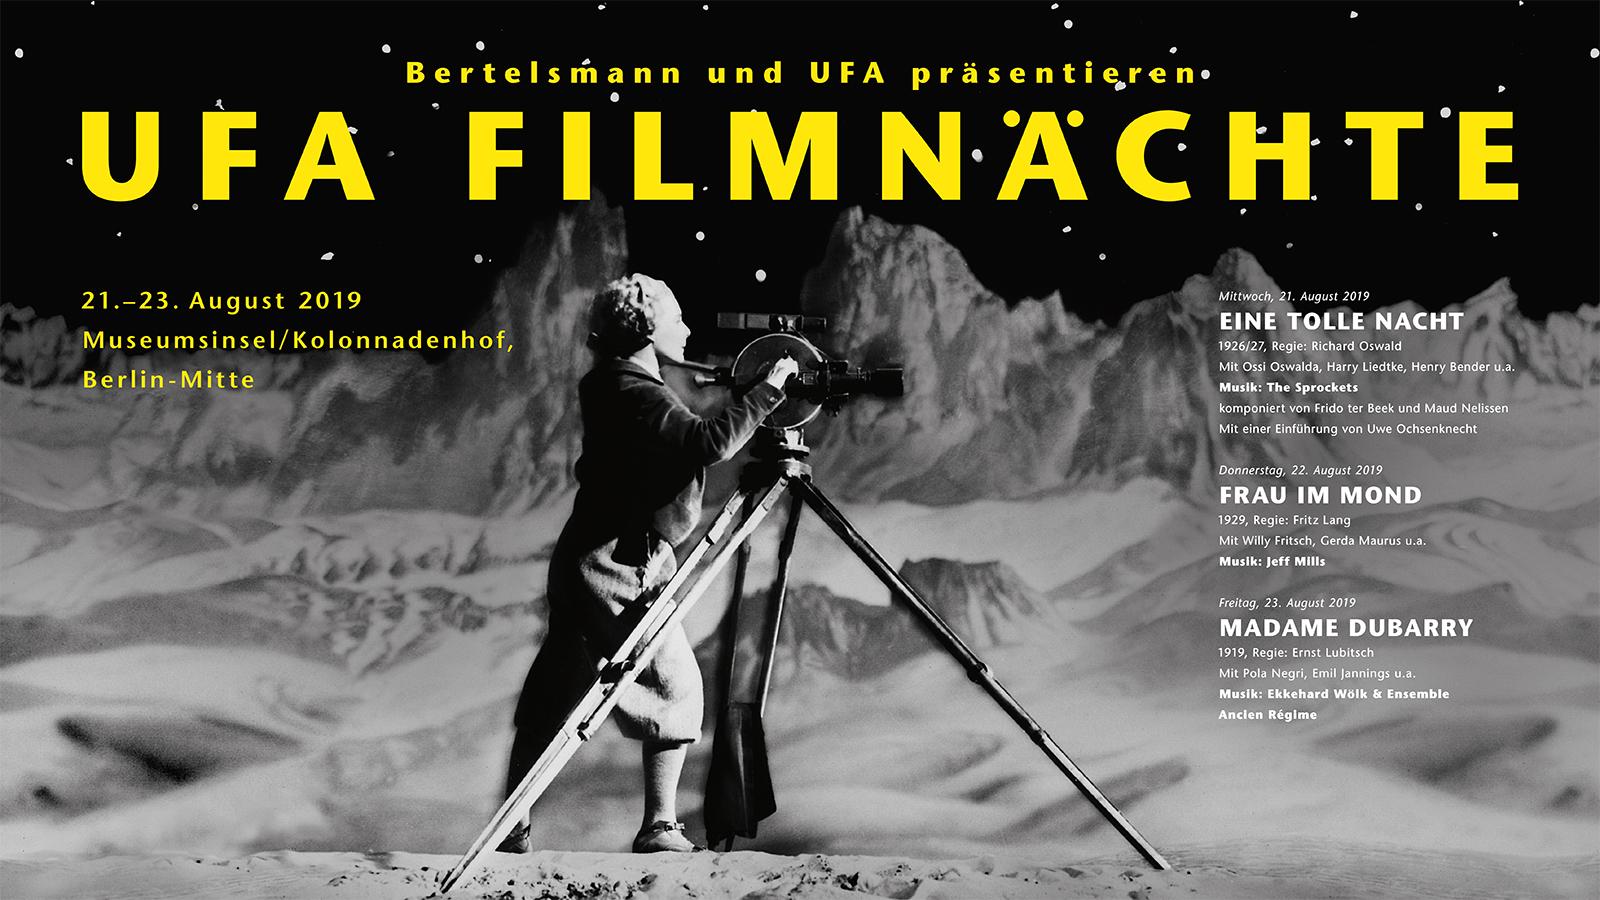 UFA Filmnächte in Berlin wieder mit großen Meisterwerken des Weimarer Kinos